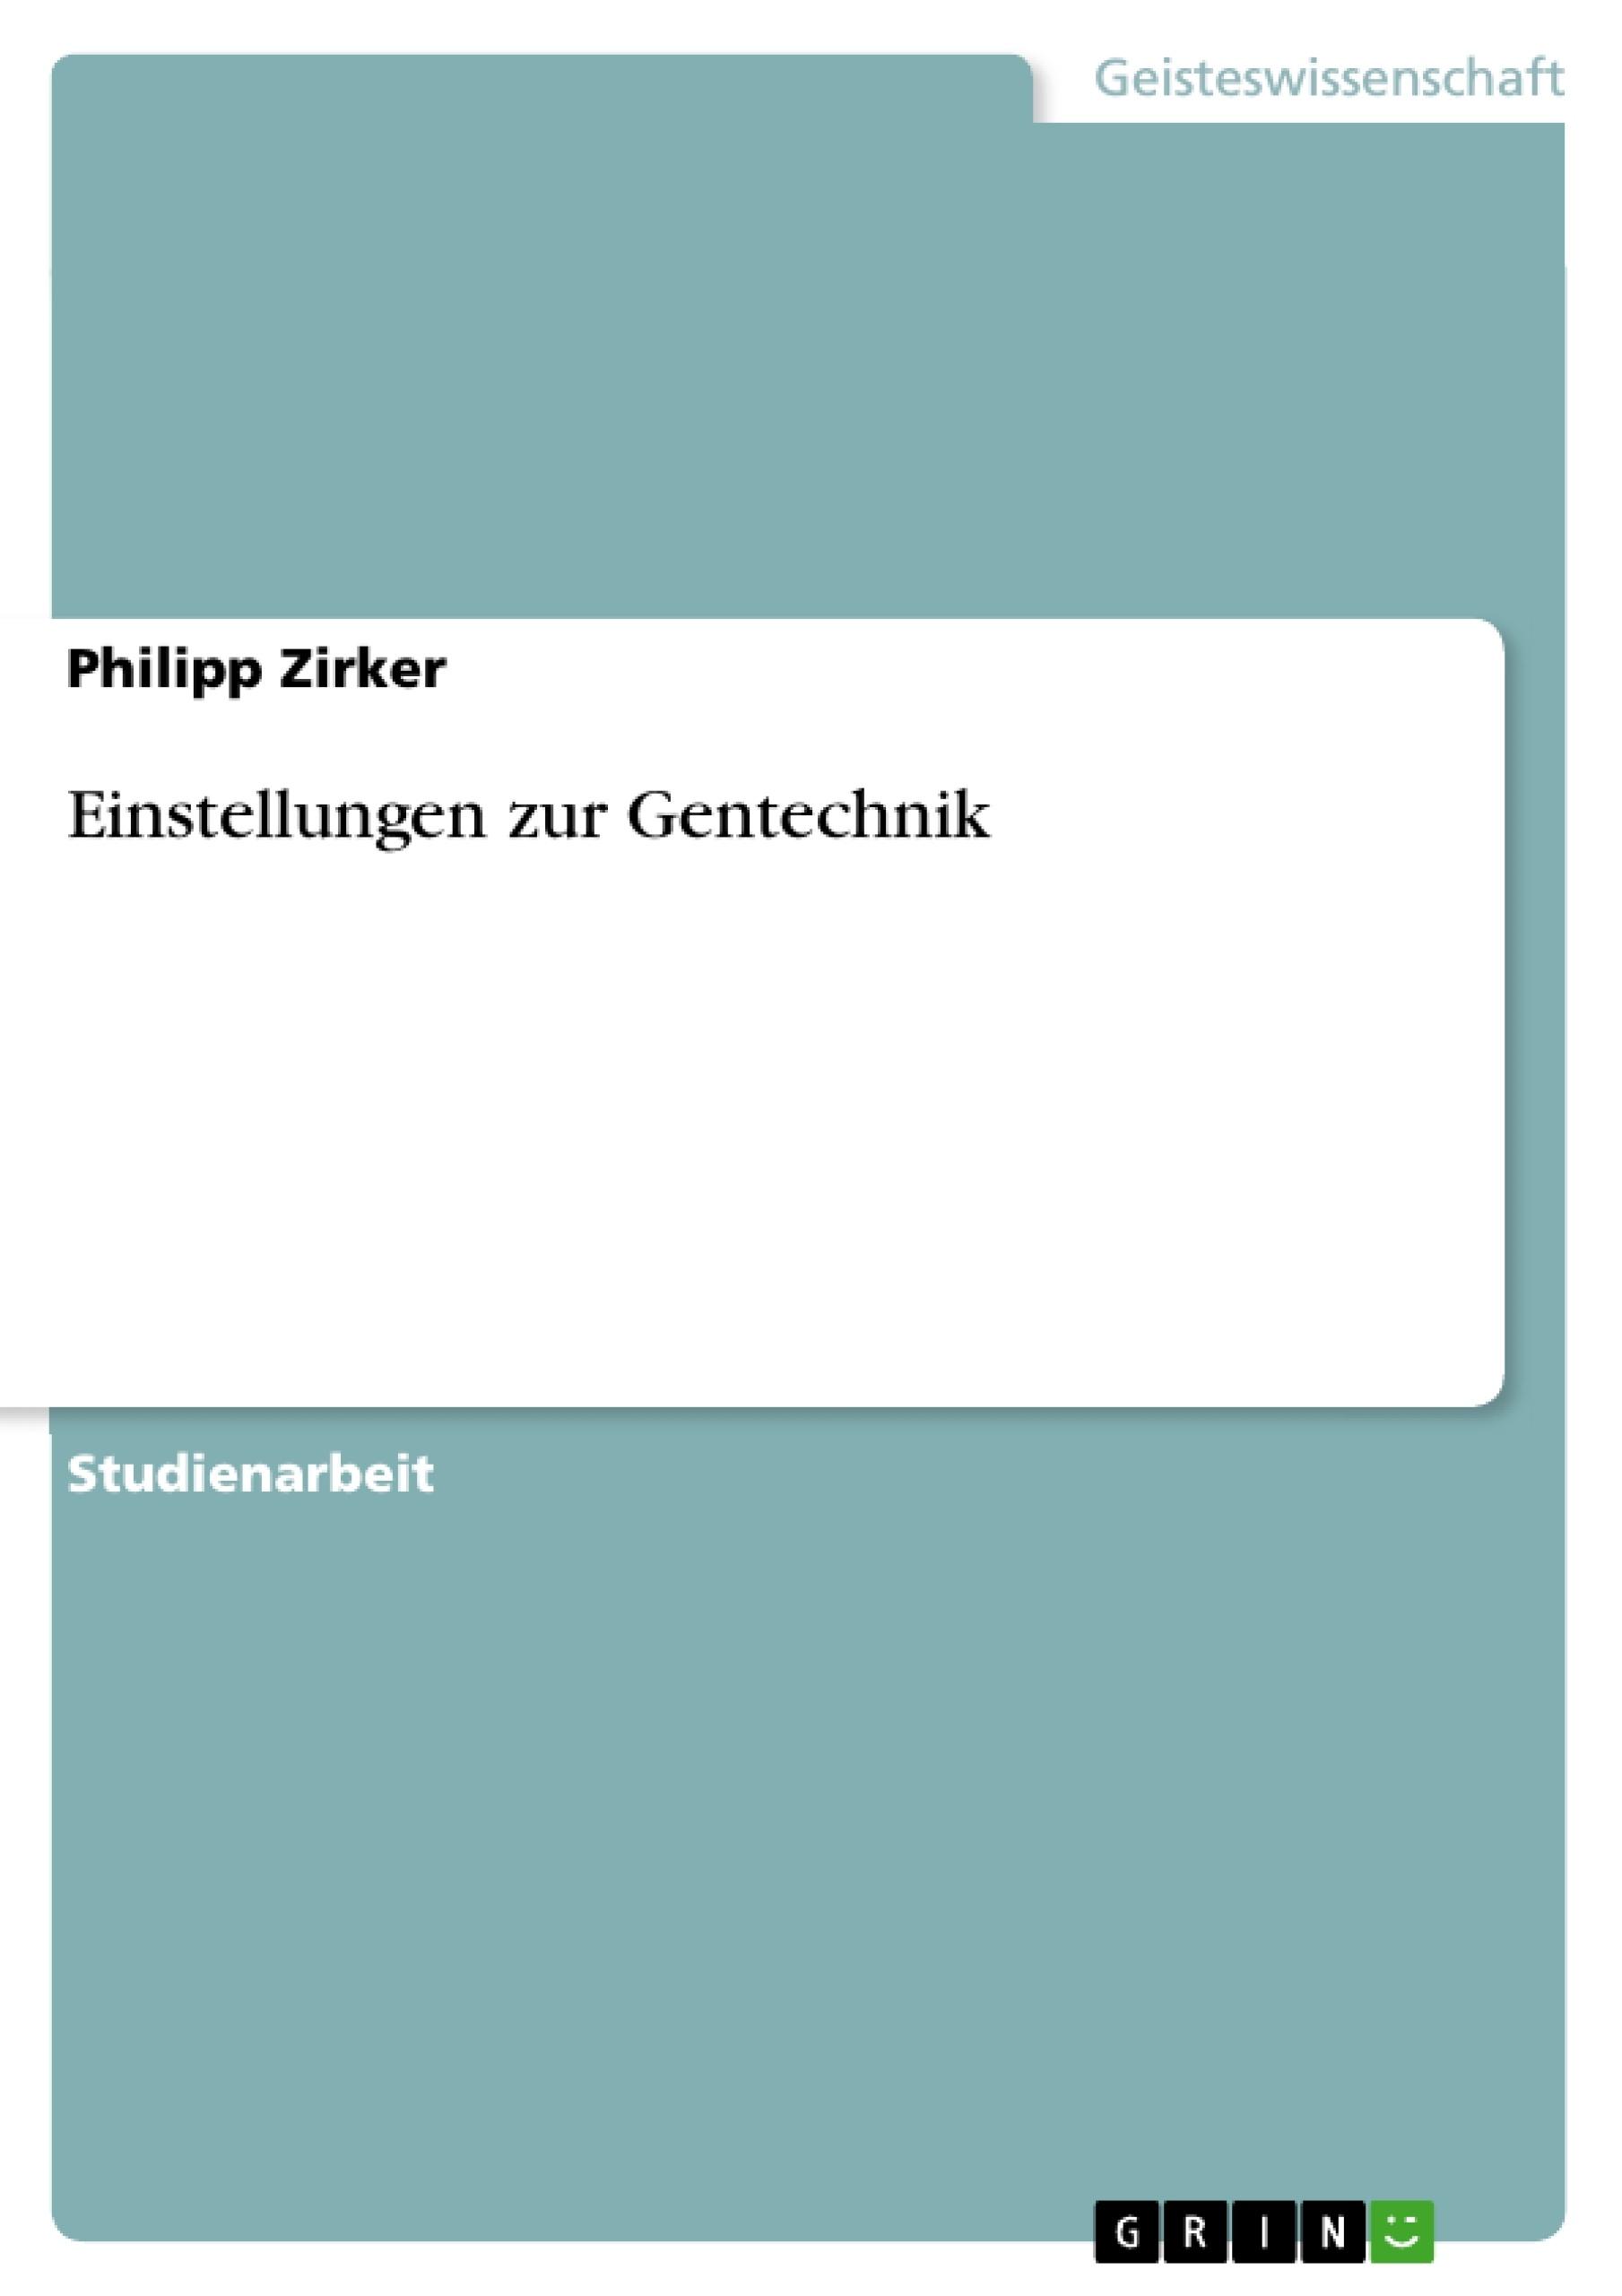 Titel: Einstellungen zur Gentechnik